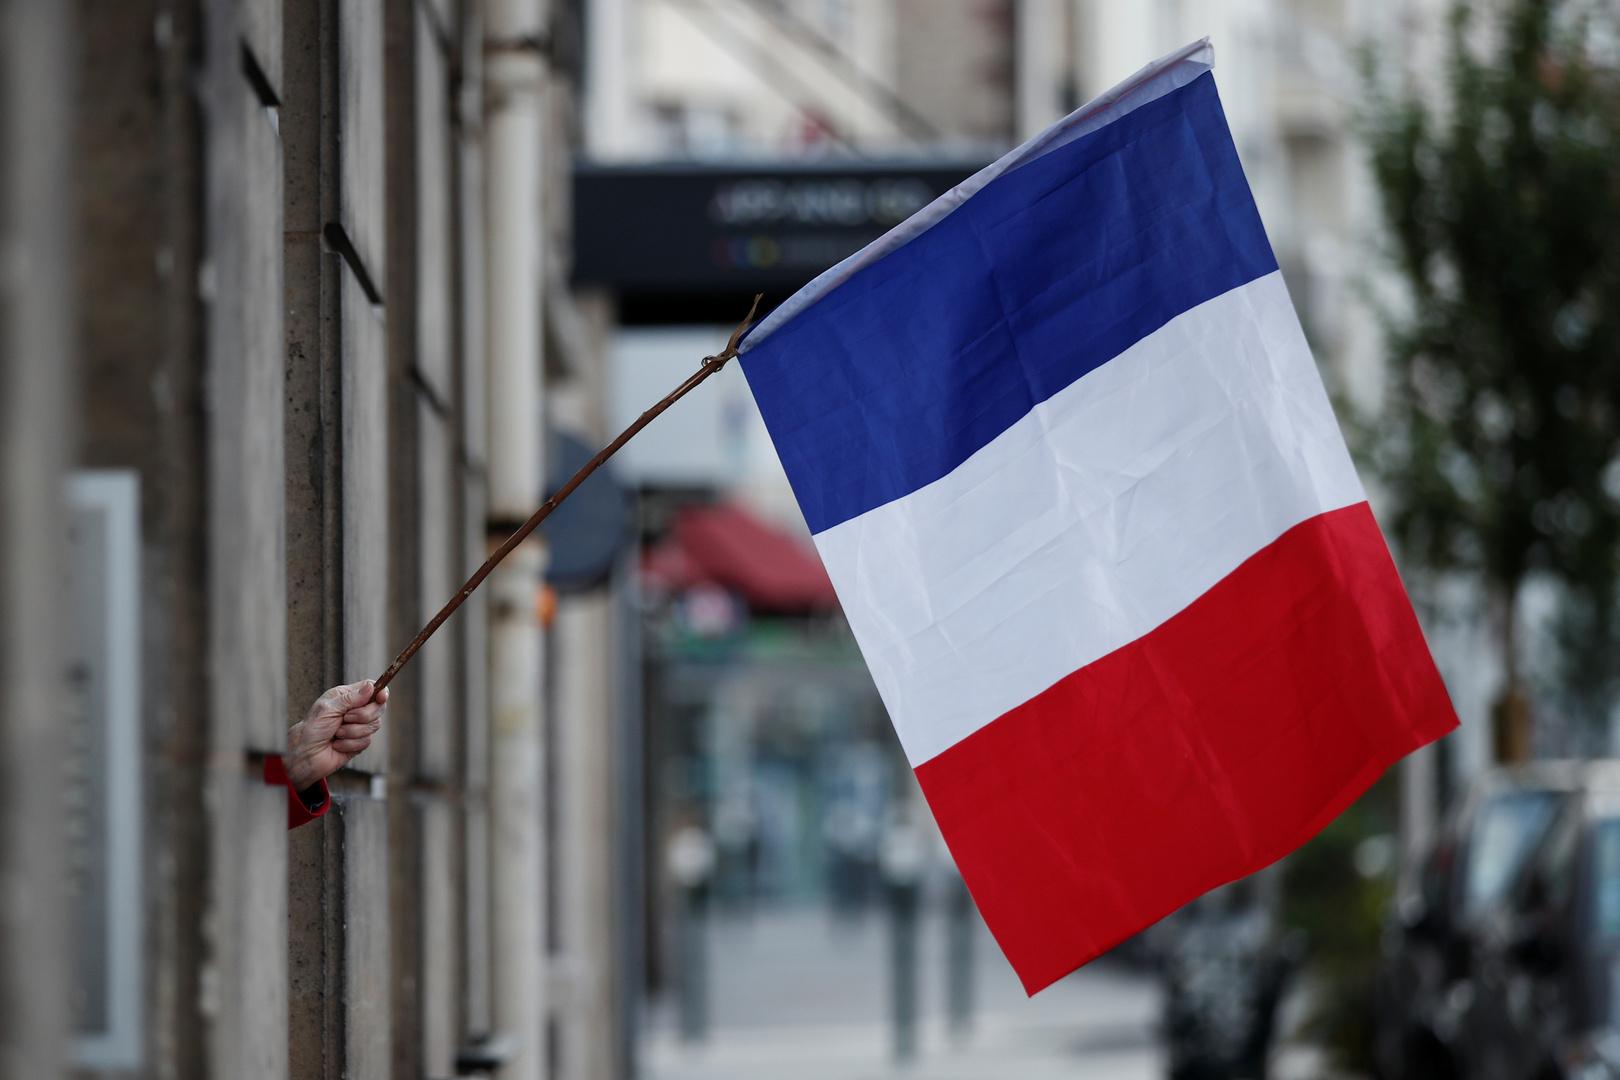 فرنسا..البدء في محاكمة متهمين على خلفية هجوم استهدف موكب أمير سعودي